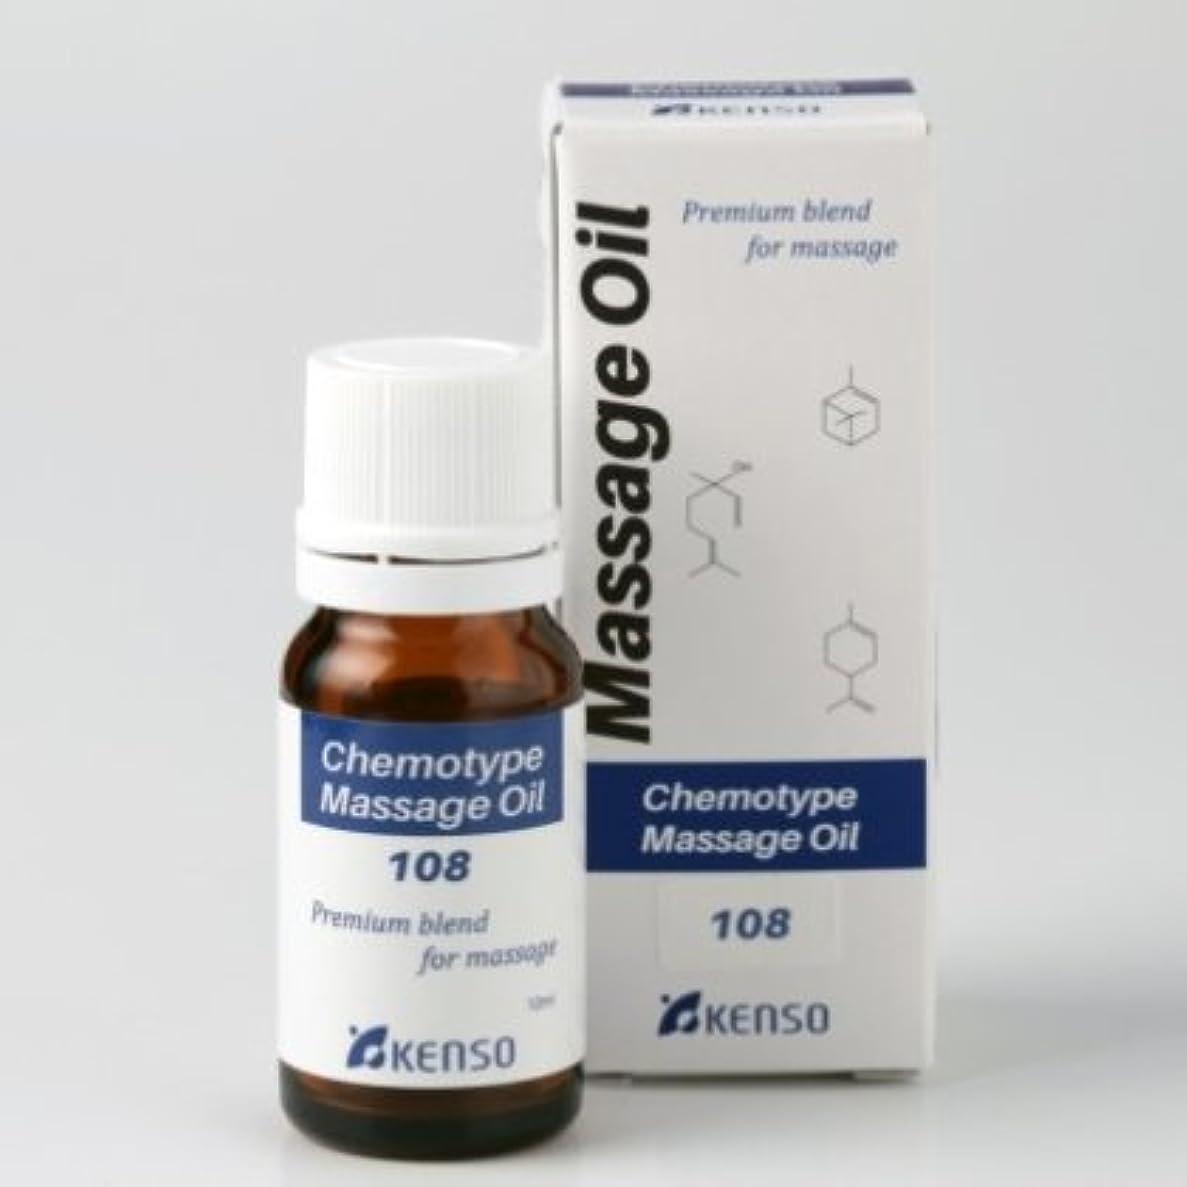 距離エジプトコジオスコブレンドマッサージオイル 元気に過ごしたいとき喉や胸に10ml NARDレシピNo.108